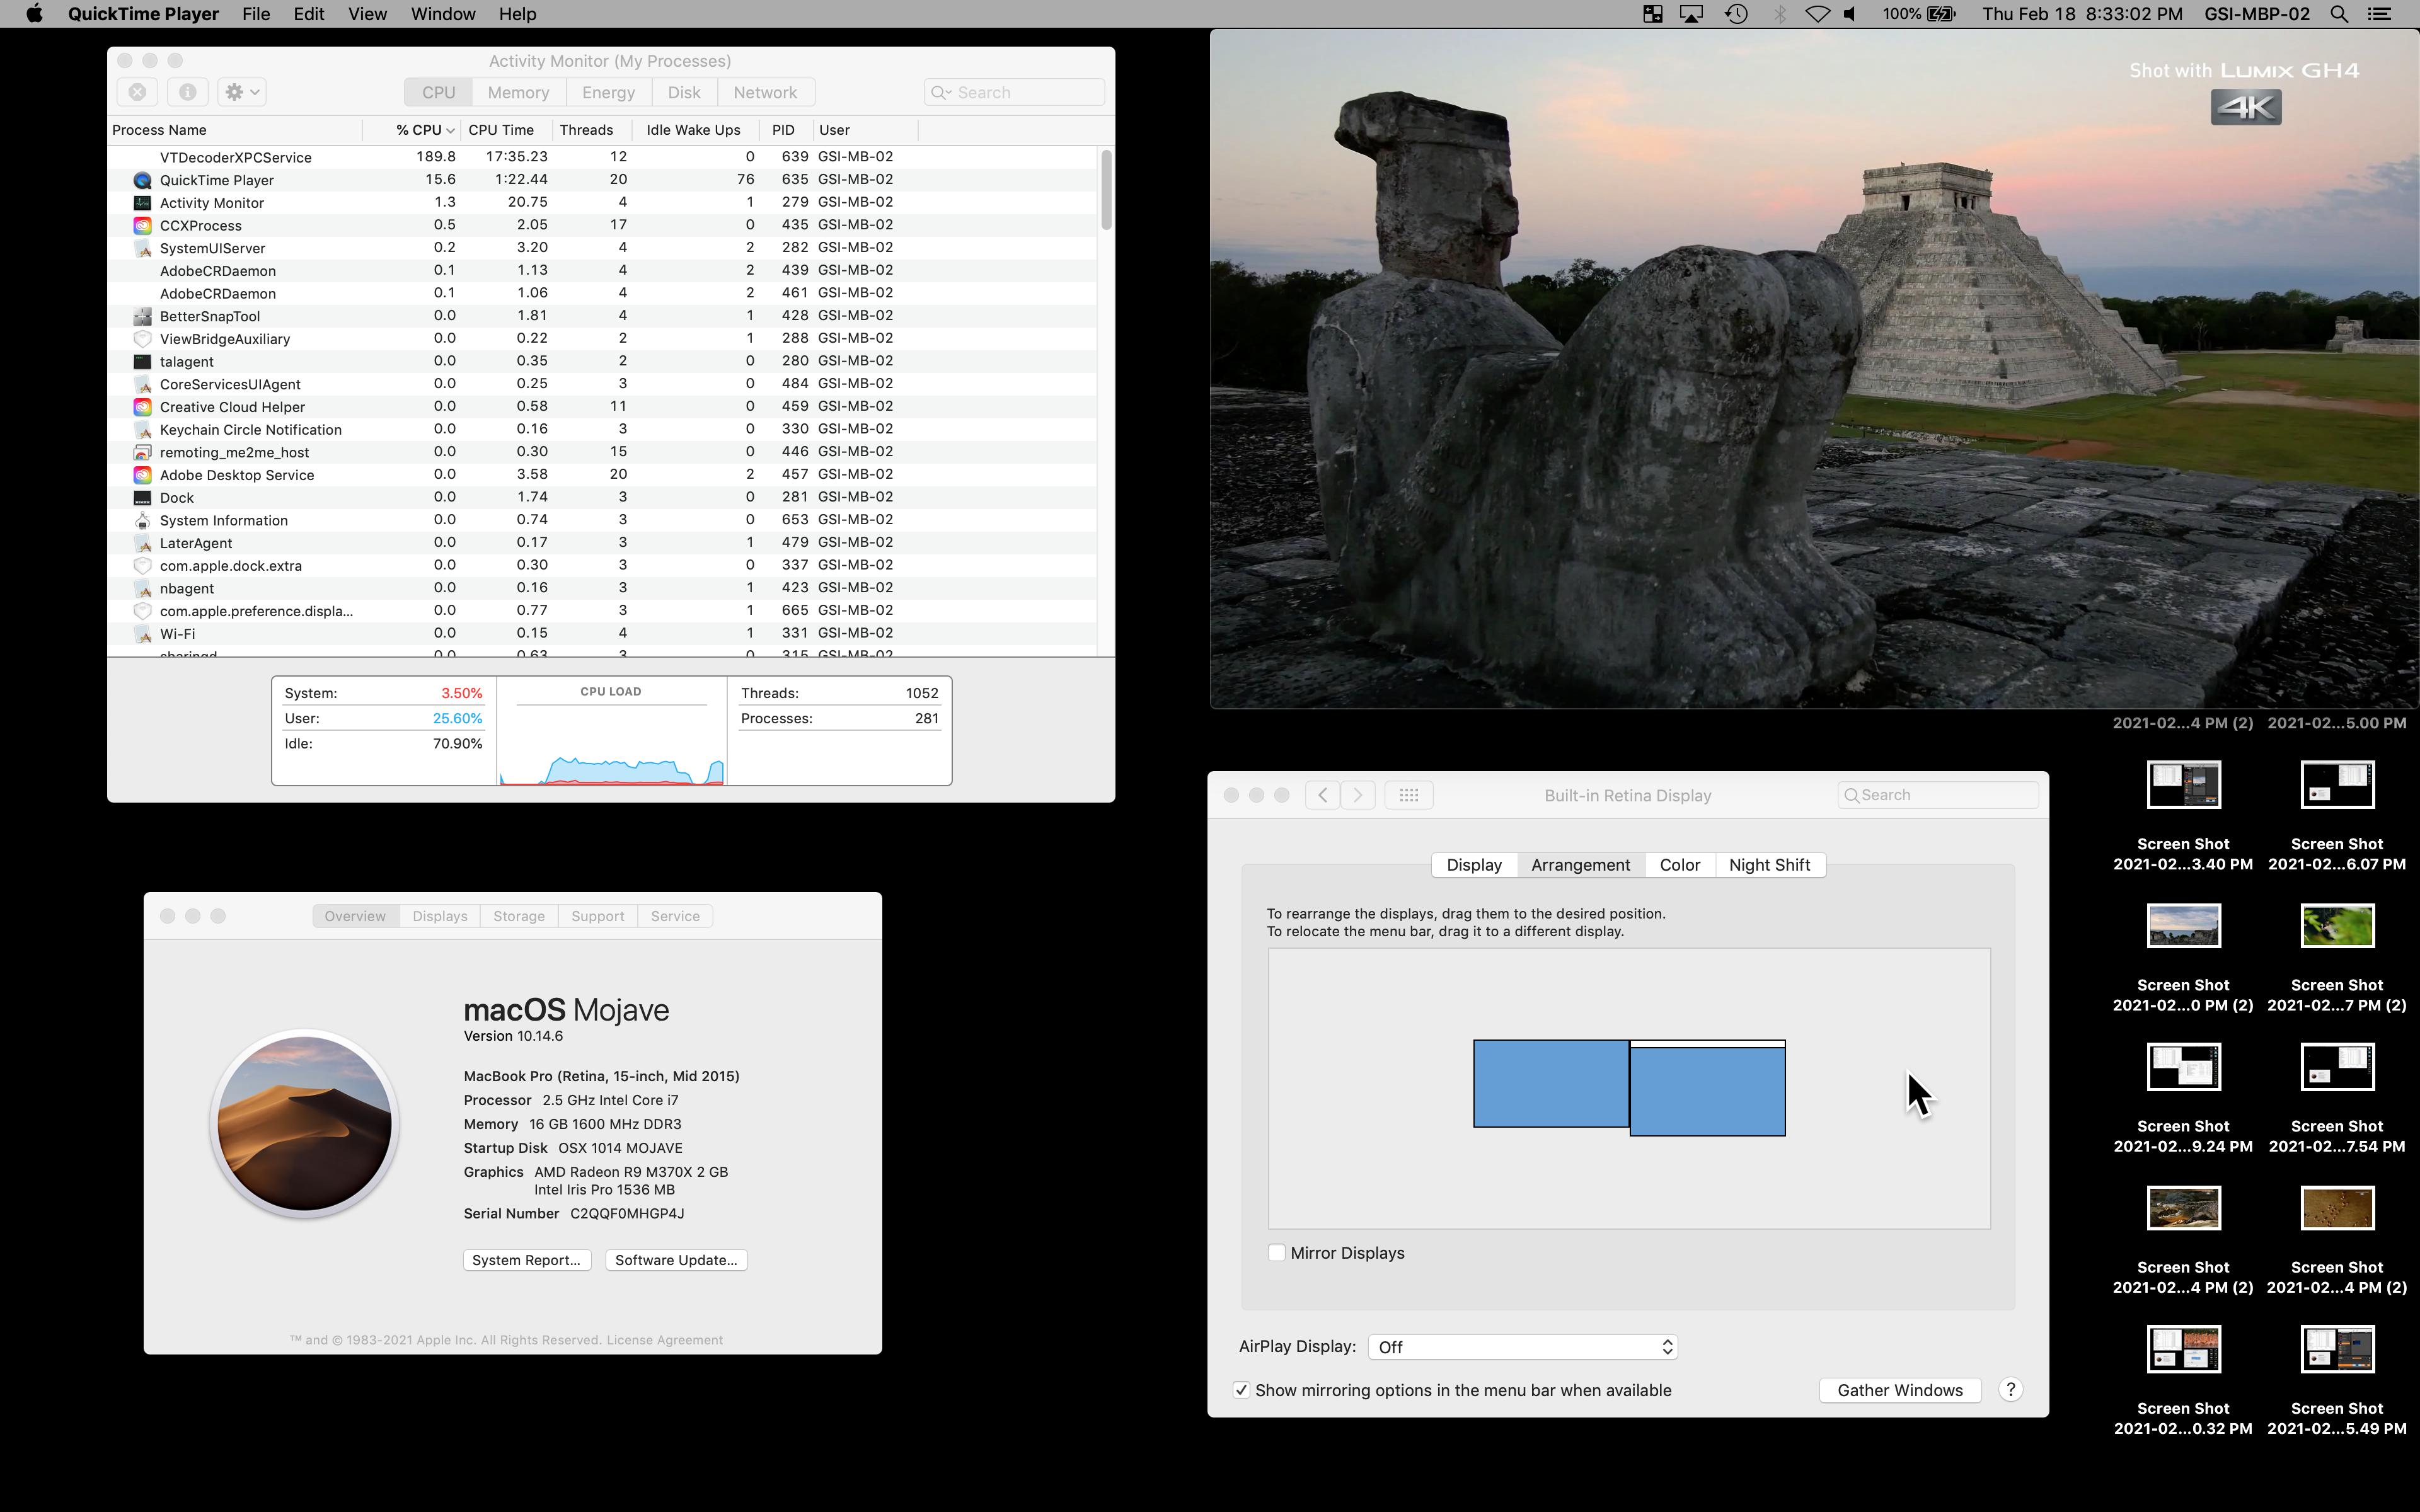 Screen Shot 2021-02-18 at 8.33.02 PM.png